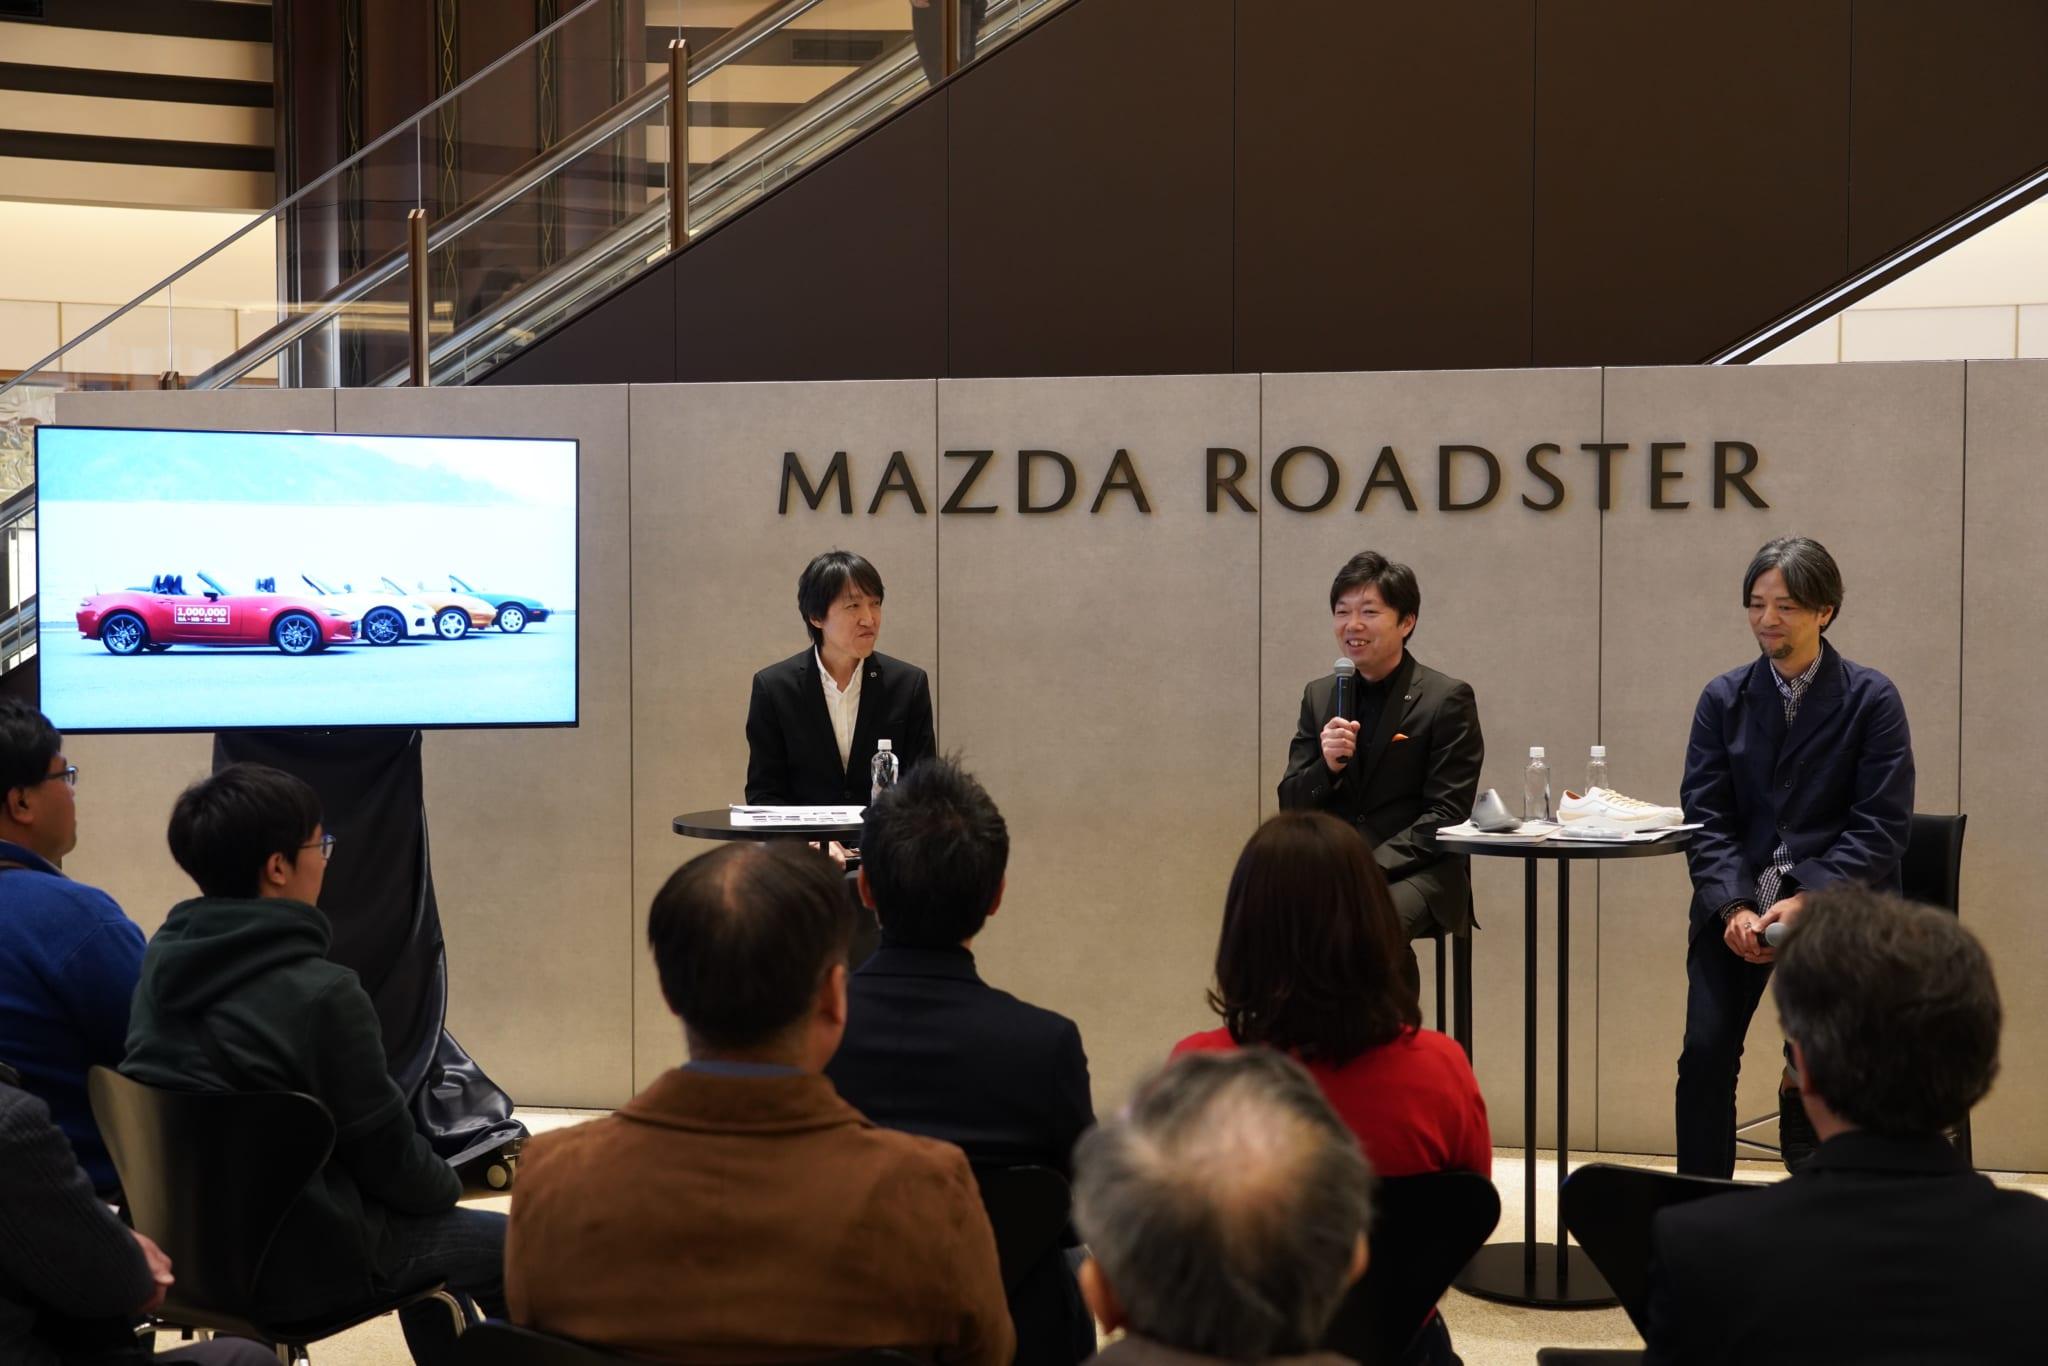 マツダ ロードスター30周年記念スペシャルイベント